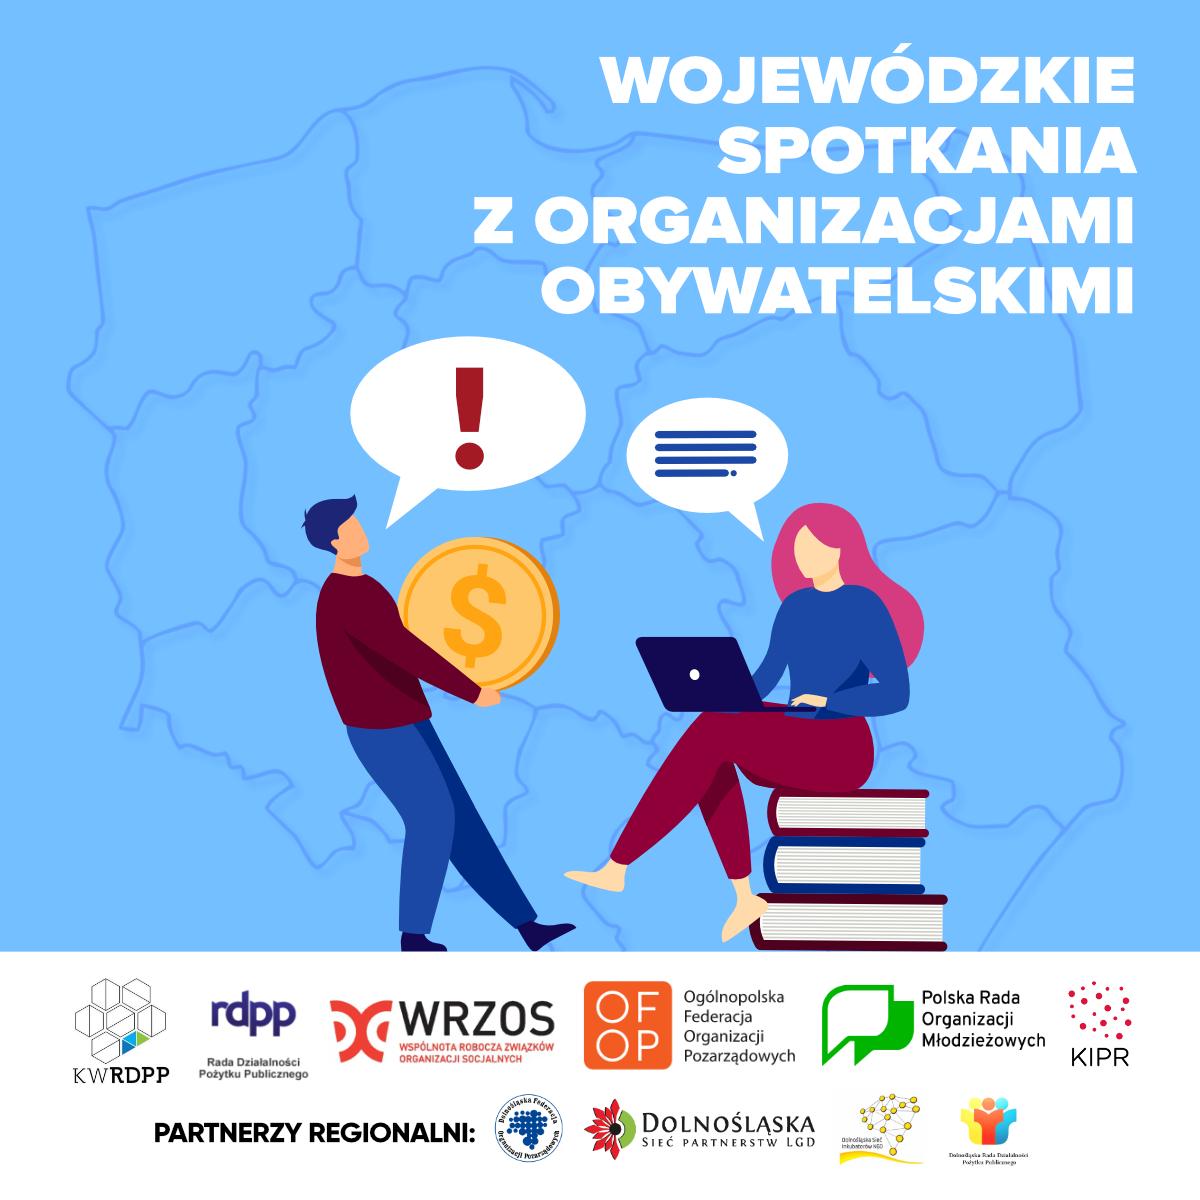 Zaproszenie na otwarte spotkanie z organizacjami obywatelskimi z województwa dolnośląskiego